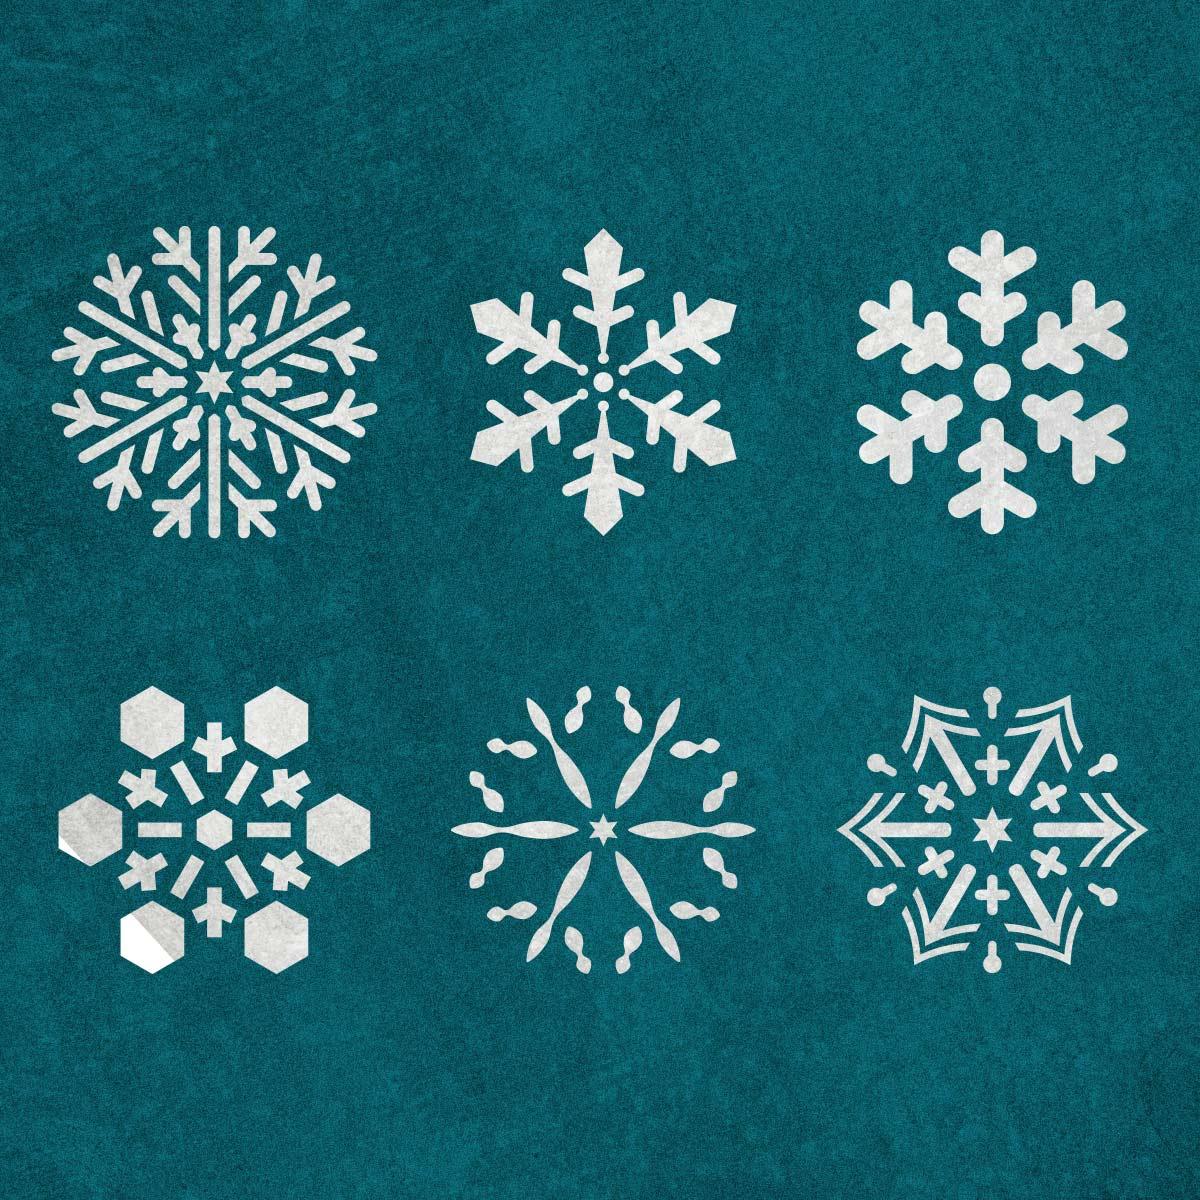 Płatek śniegu, śnieżynka, zestaw 6 sztuk - świąteczny szablon malarskie wielokrotnego użytku, wizualizacja na ciemnym tle